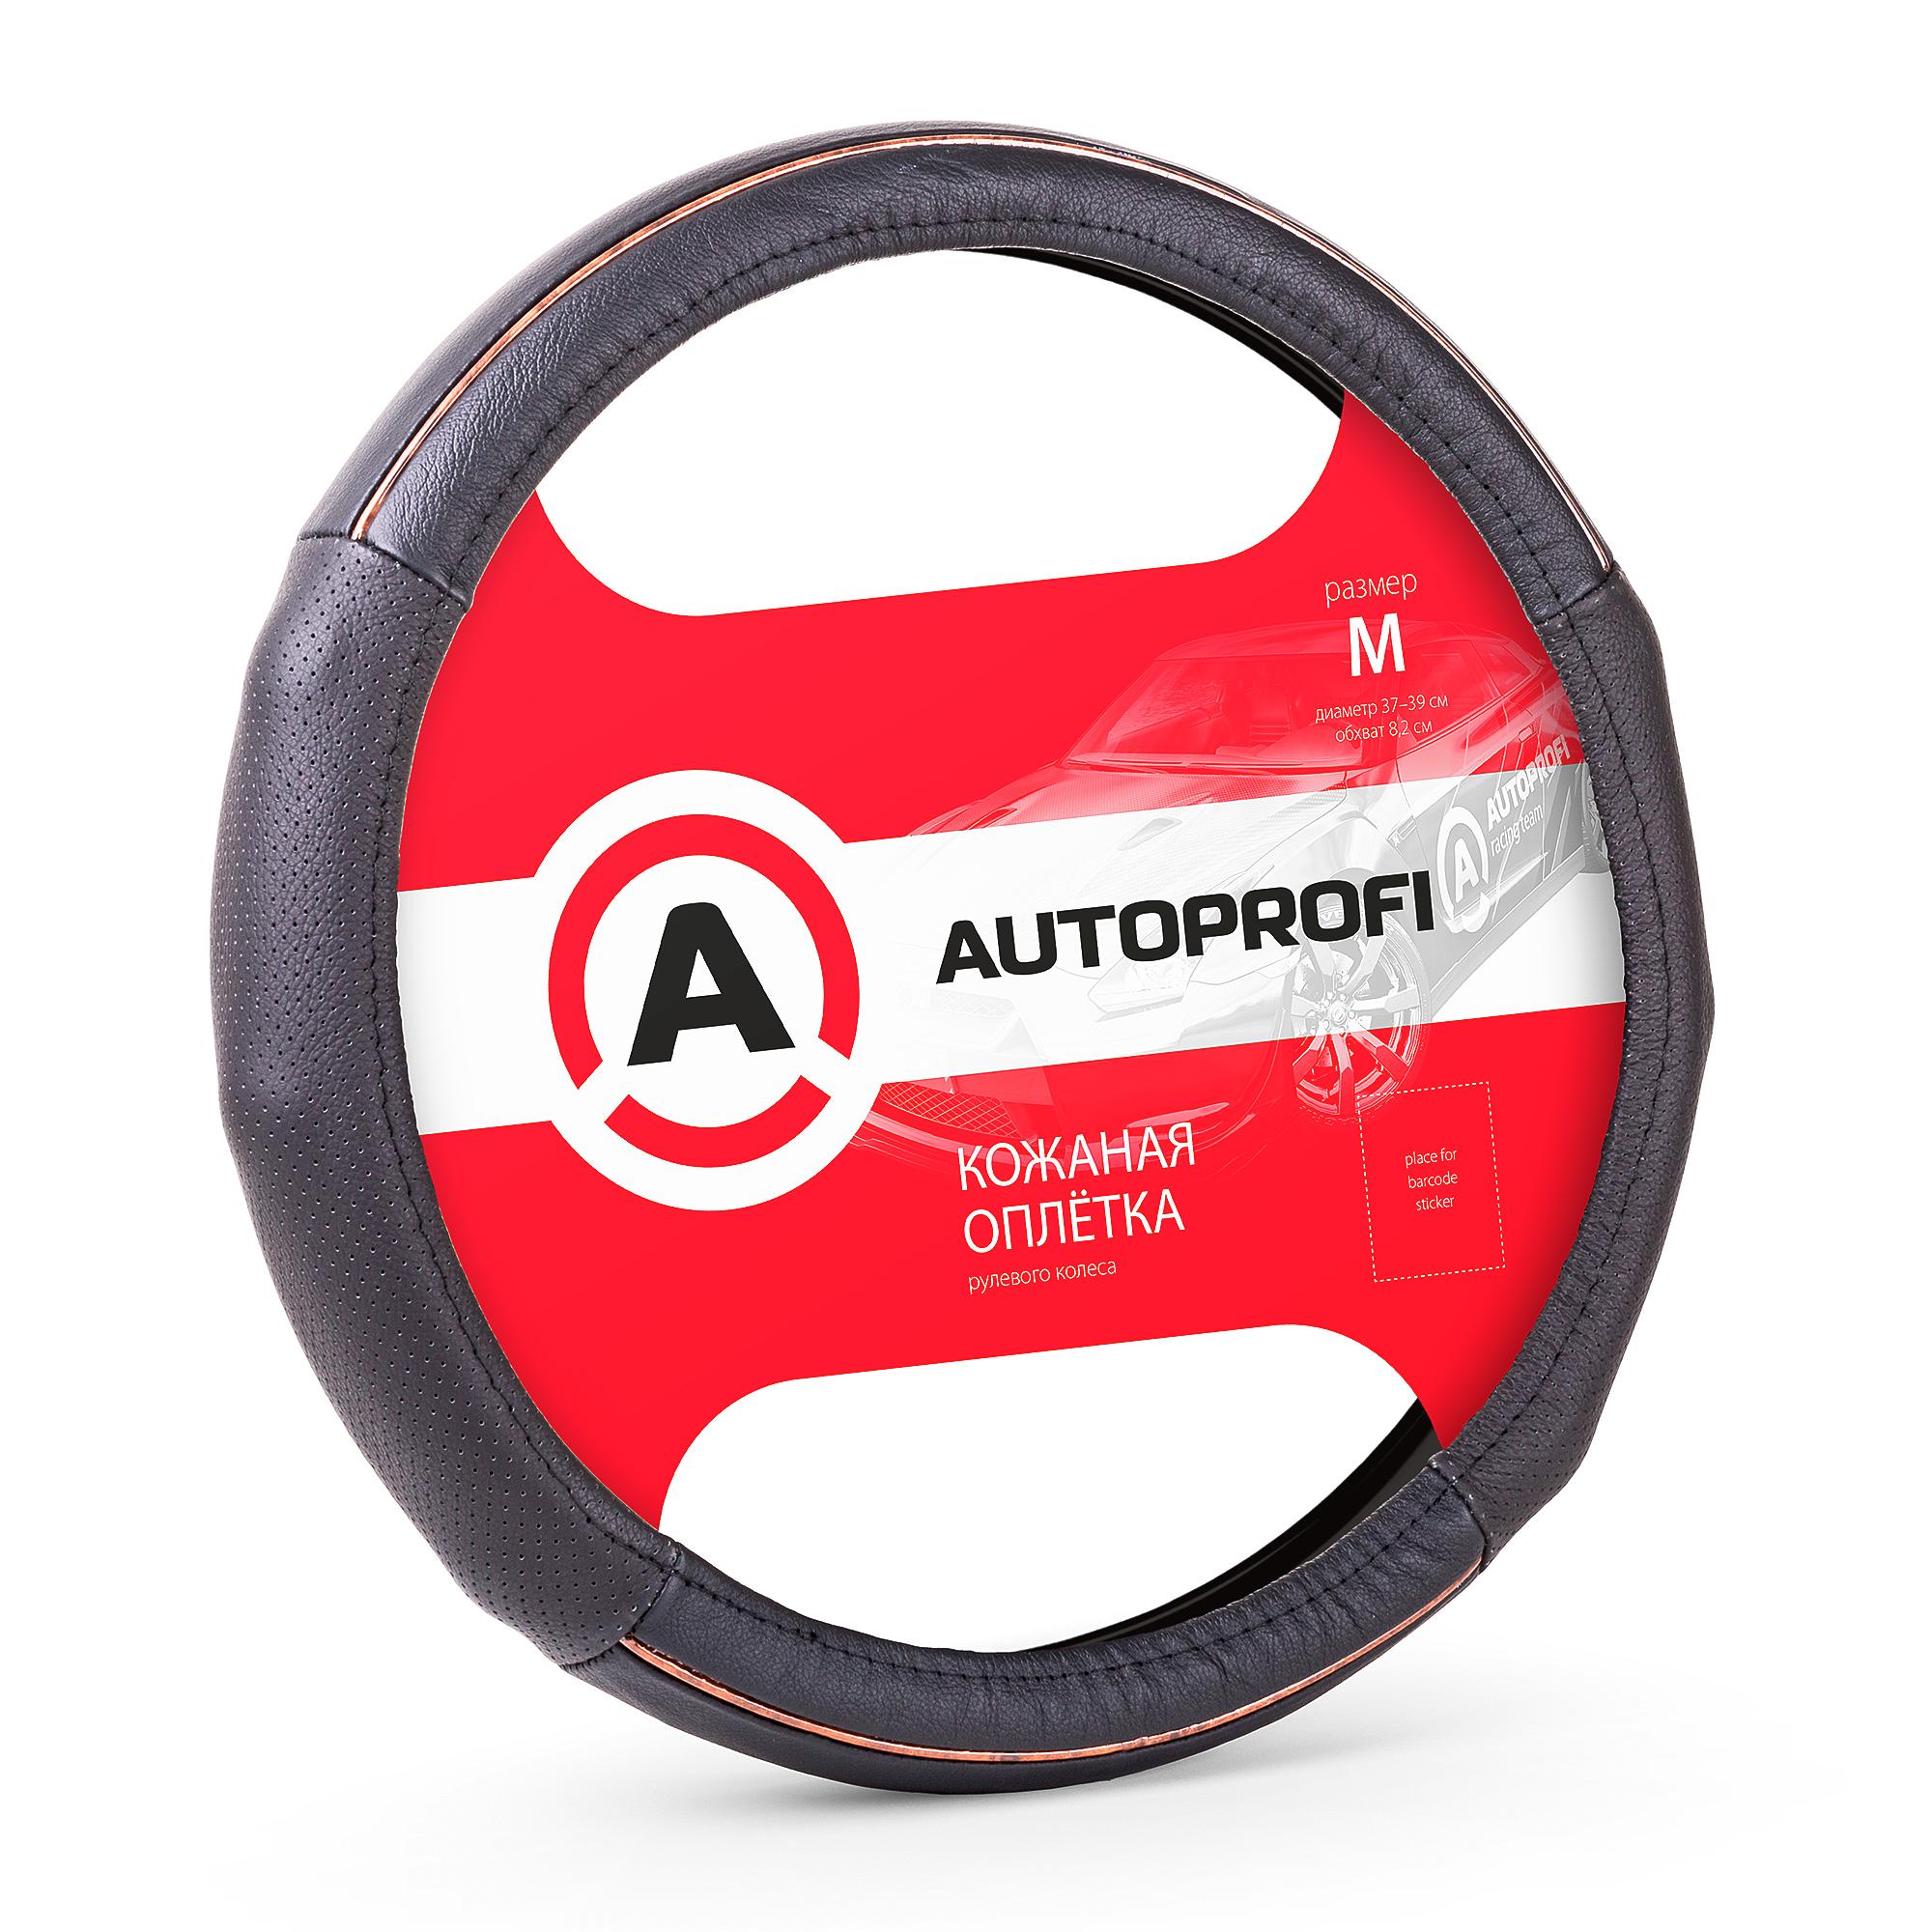 Оплетка Autoprofi Ap-1060 bk/bk (m) оплетка autoprofi ap 300 bk l